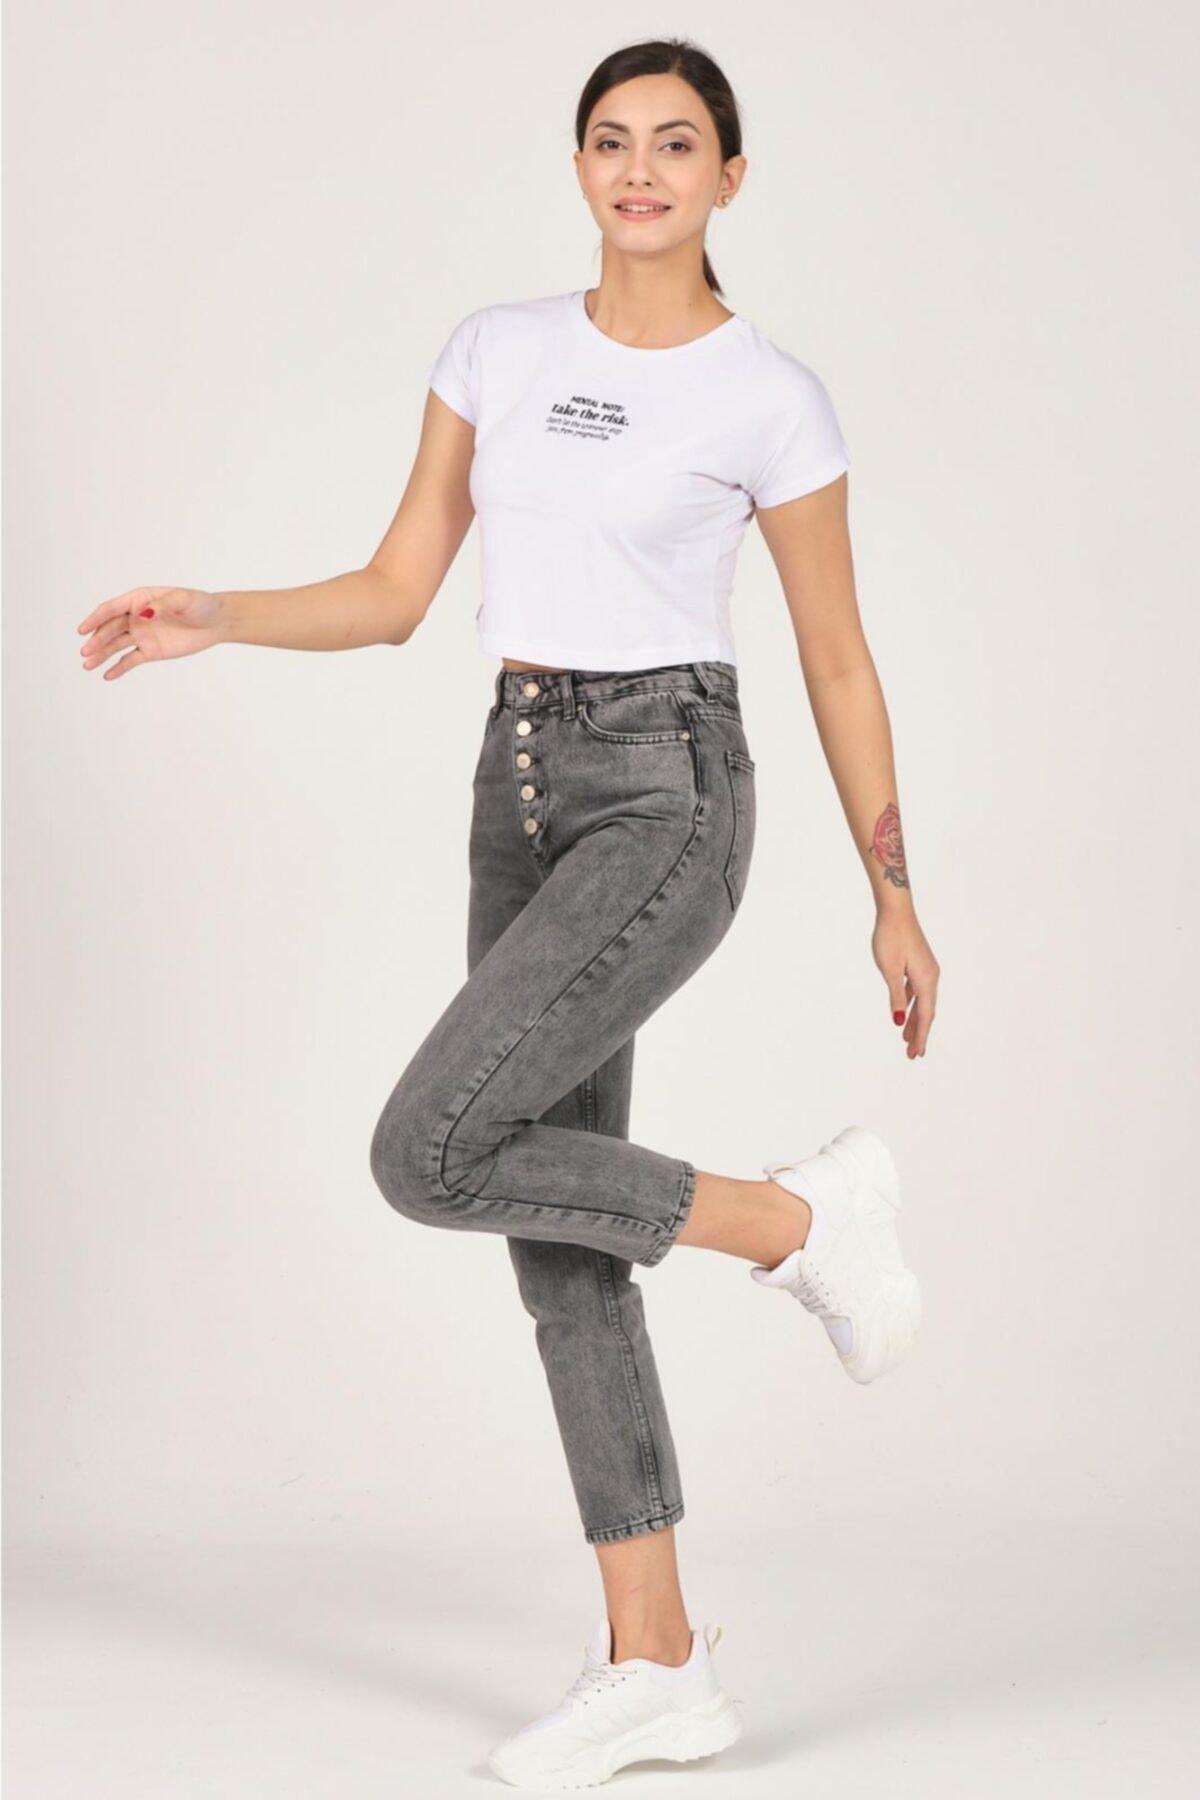 Tena Moda Kadın Beyaz Mental Note Nakışlı Tişört